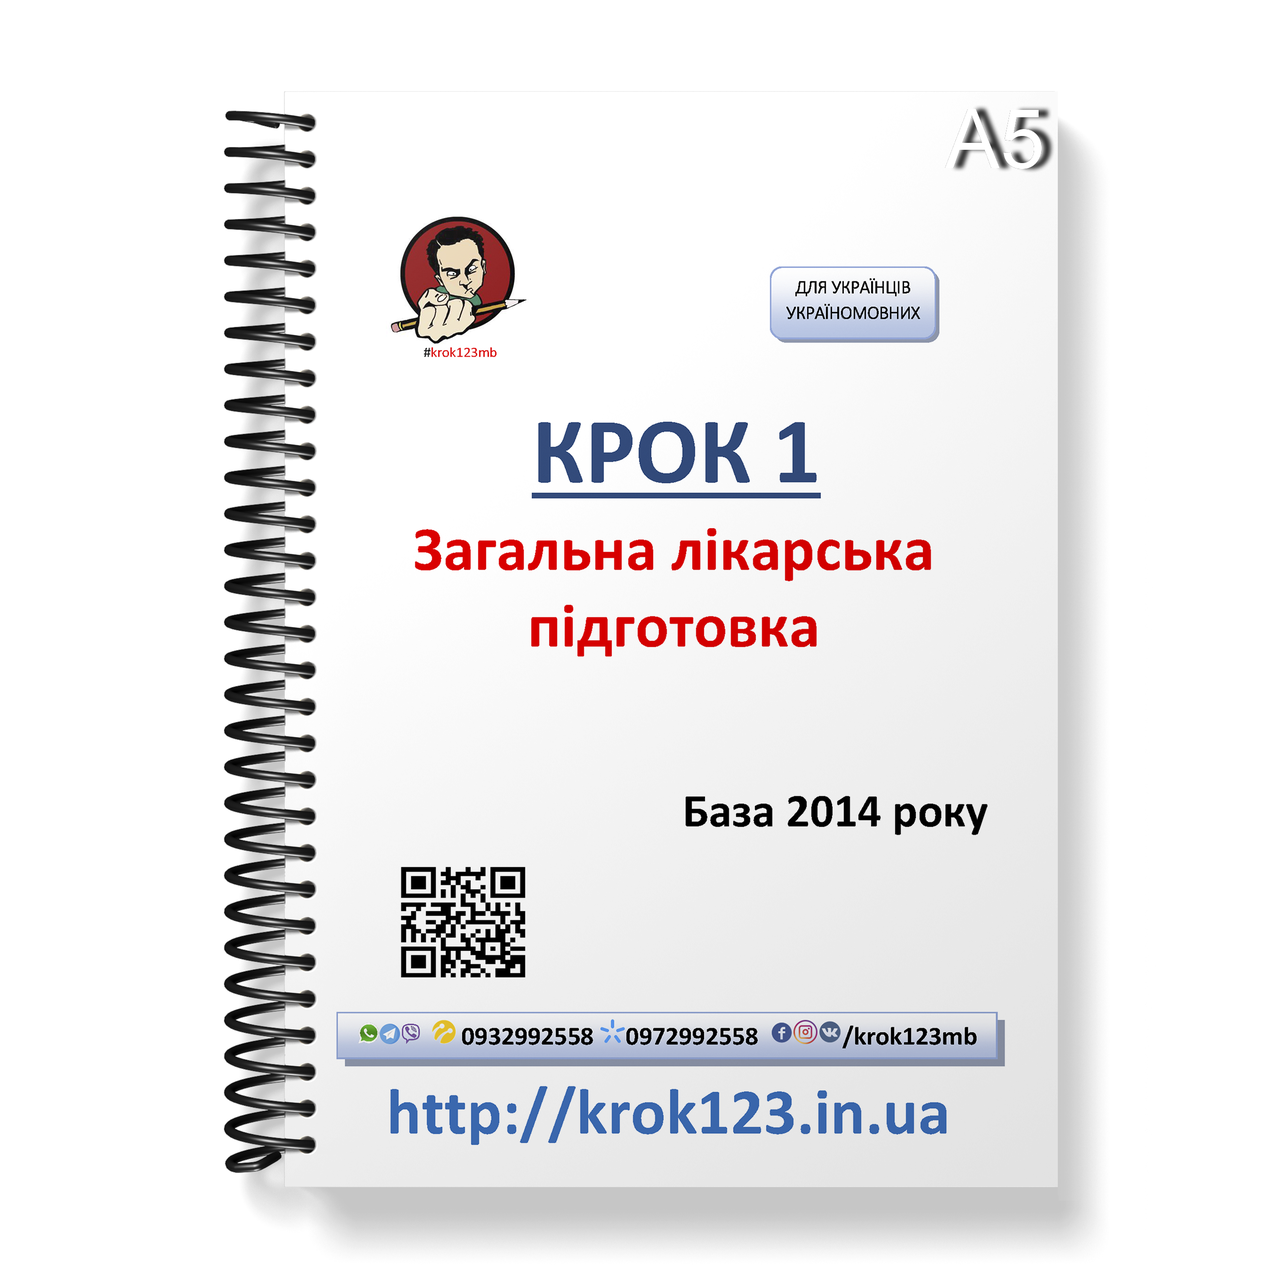 Крок 1. Общая врачебная подготовка. База 2014. Для украинцев украиноязычных. Формат А5